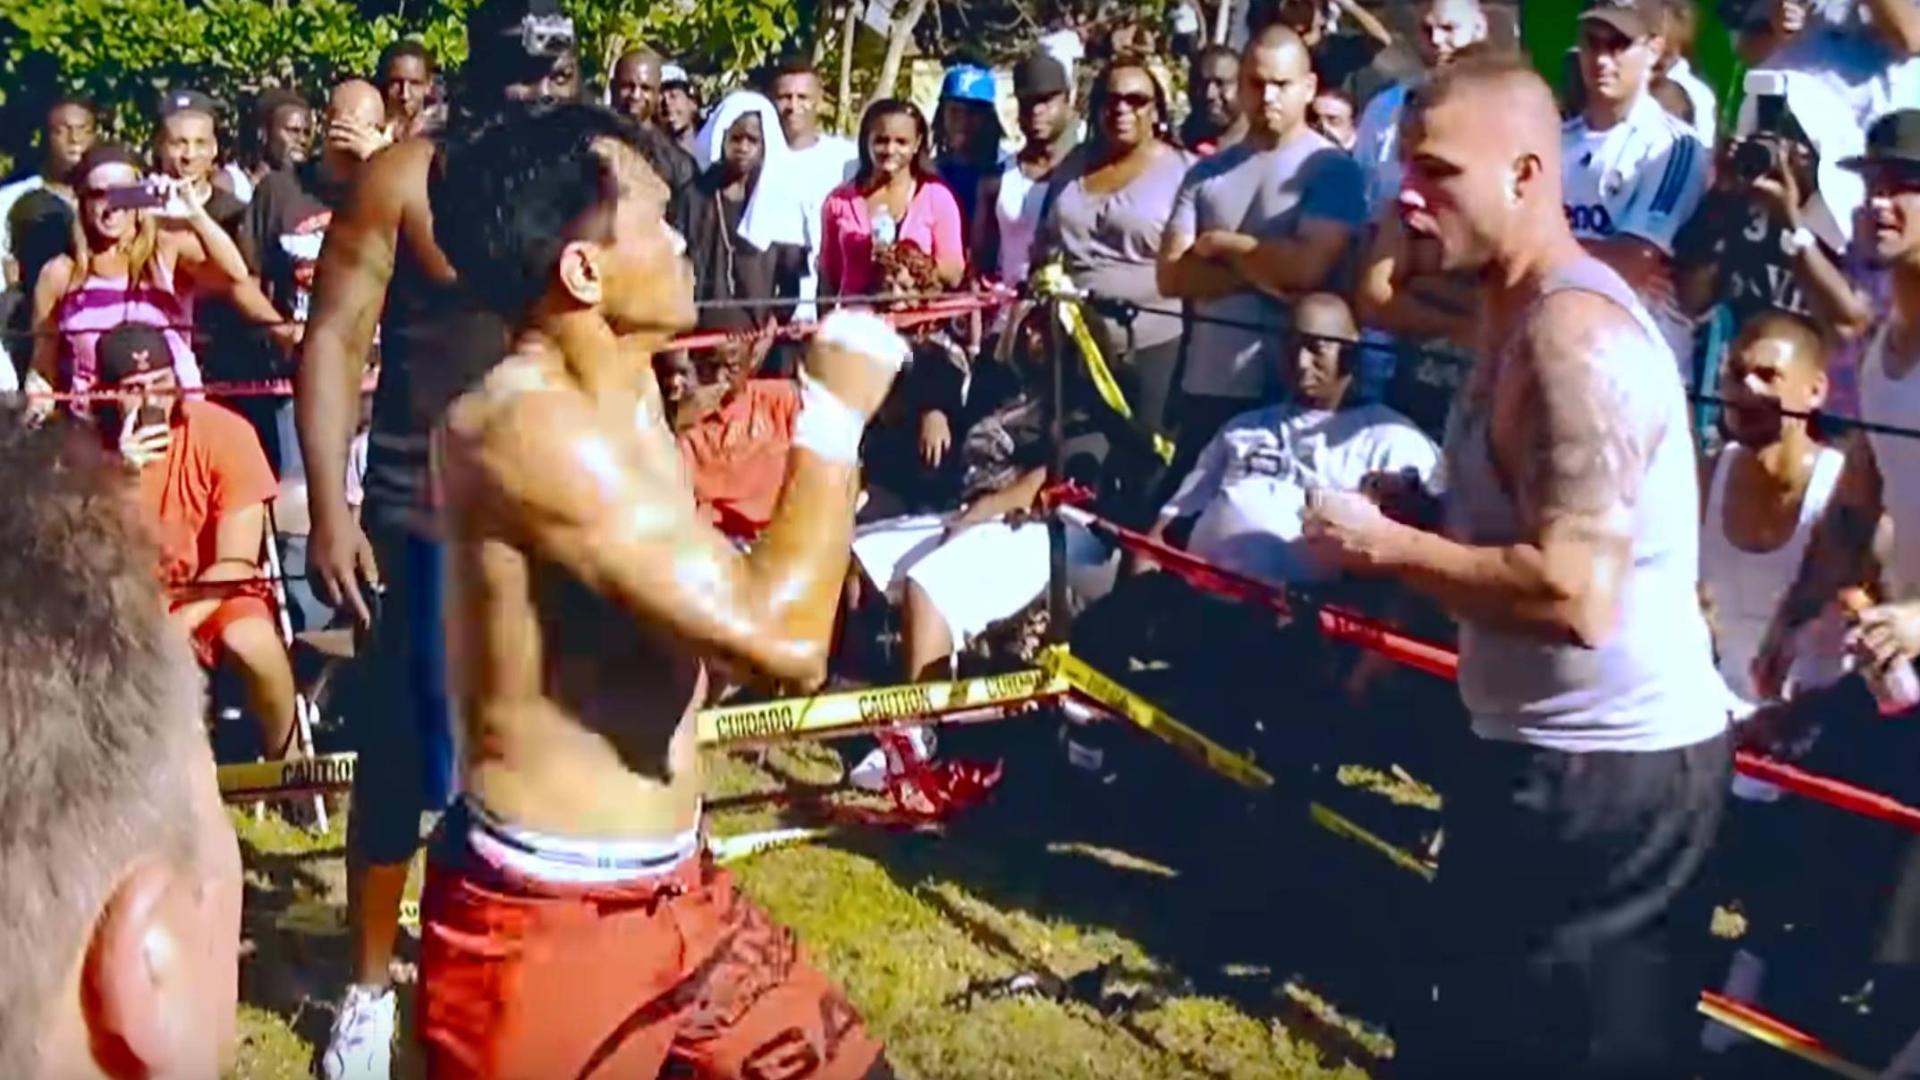 泰国拳师参加街斗比赛,抗击打真强,彻底打服对手!